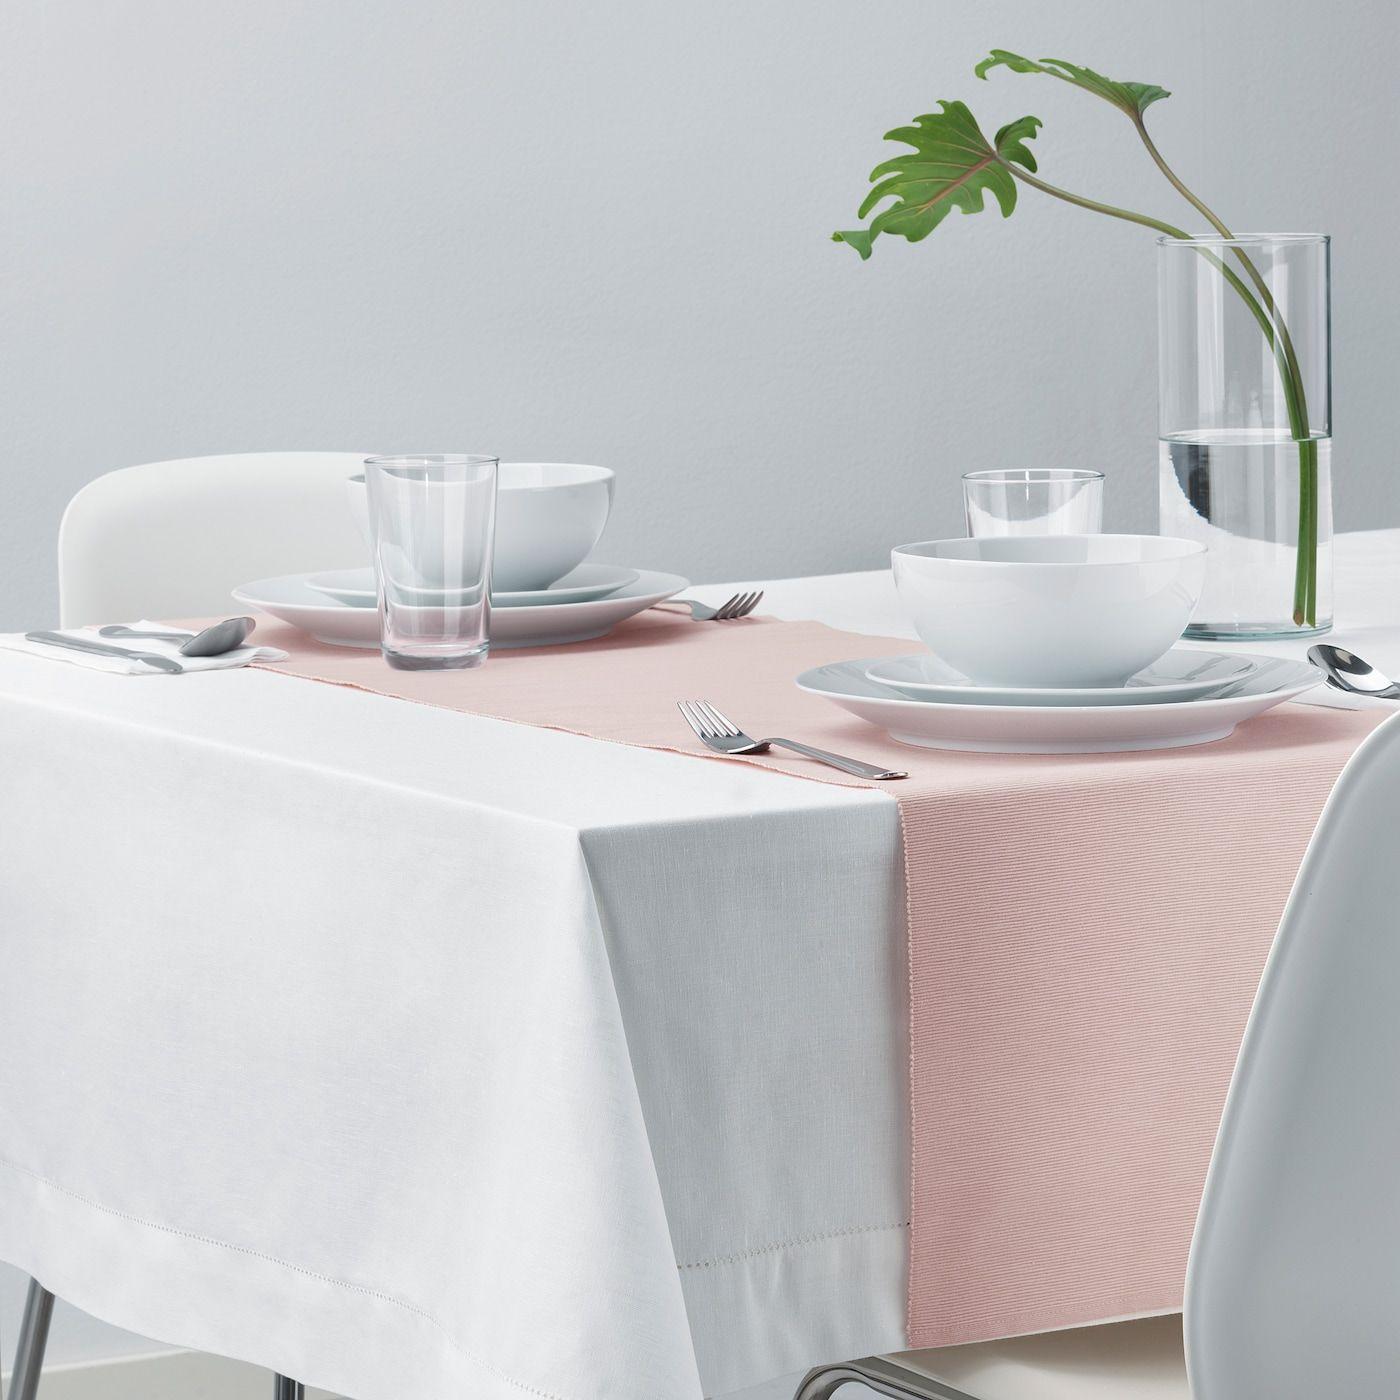 Marit Tischlaufer Rosa Ikea Osterreich In 2020 Ikea Tischdekoration Und Ikea Produkte